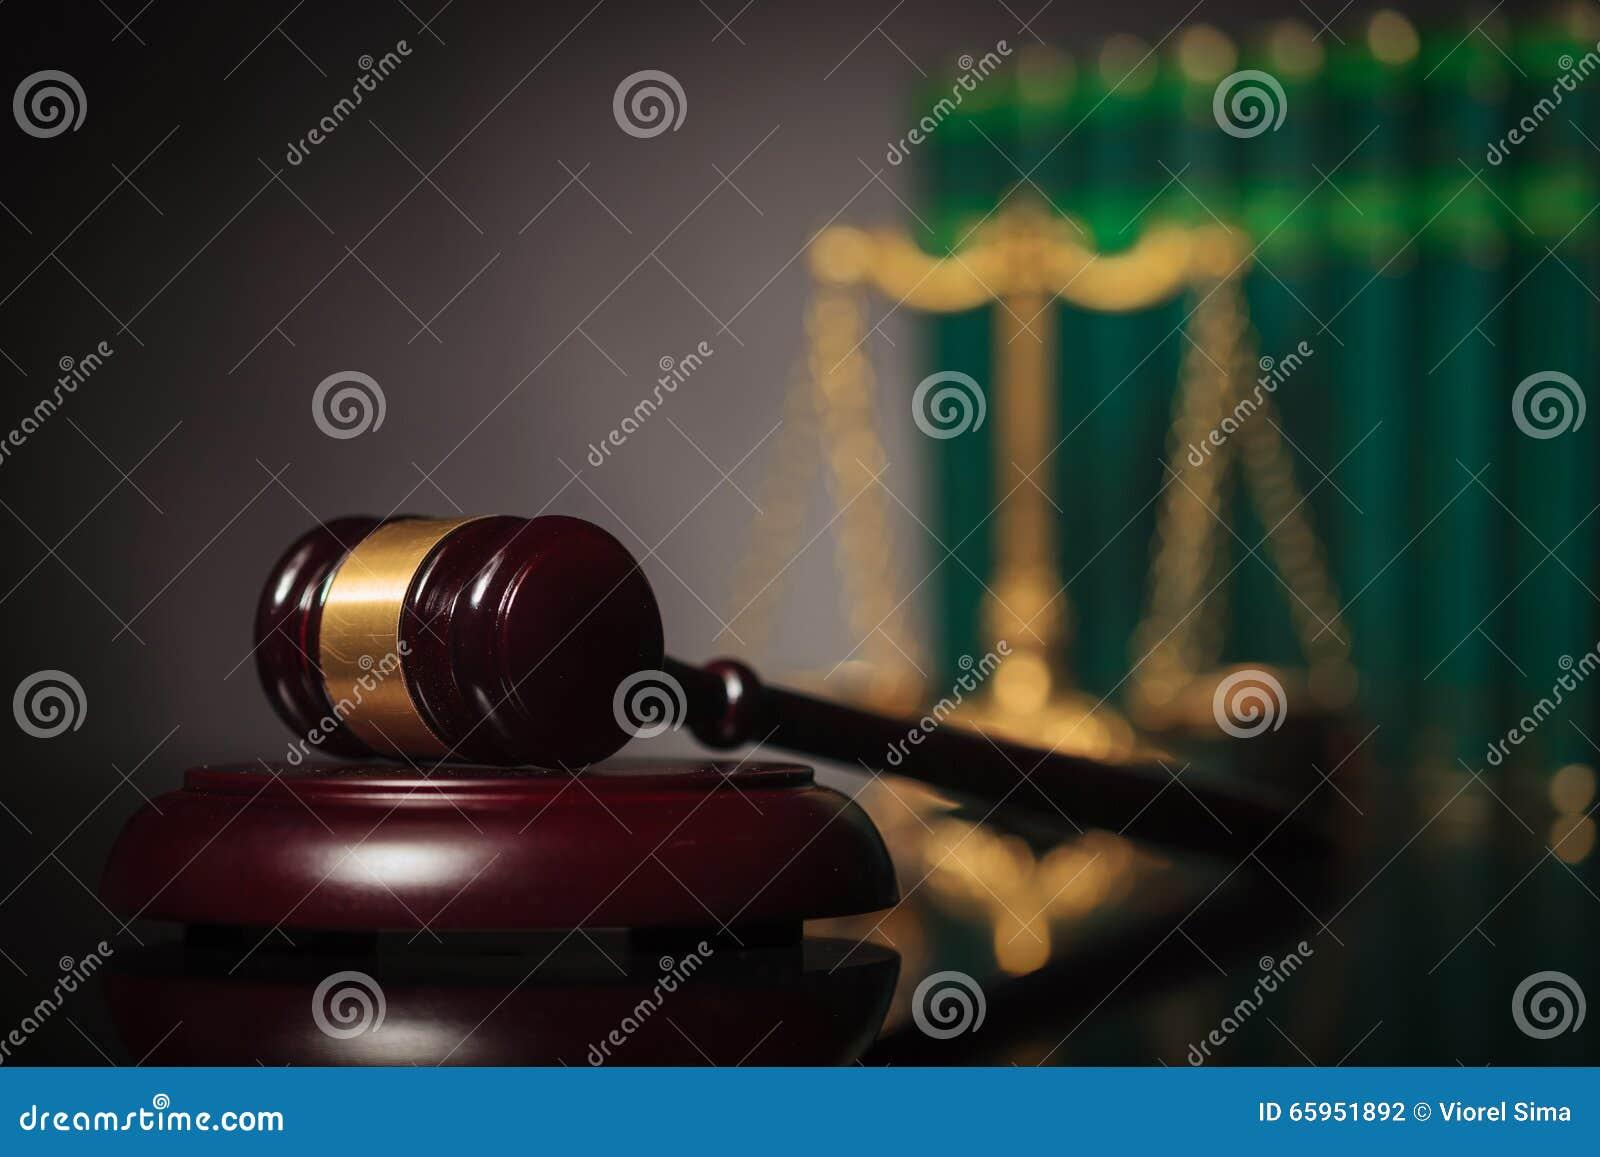 Αρχή της έννοιας νομικών συστημάτων